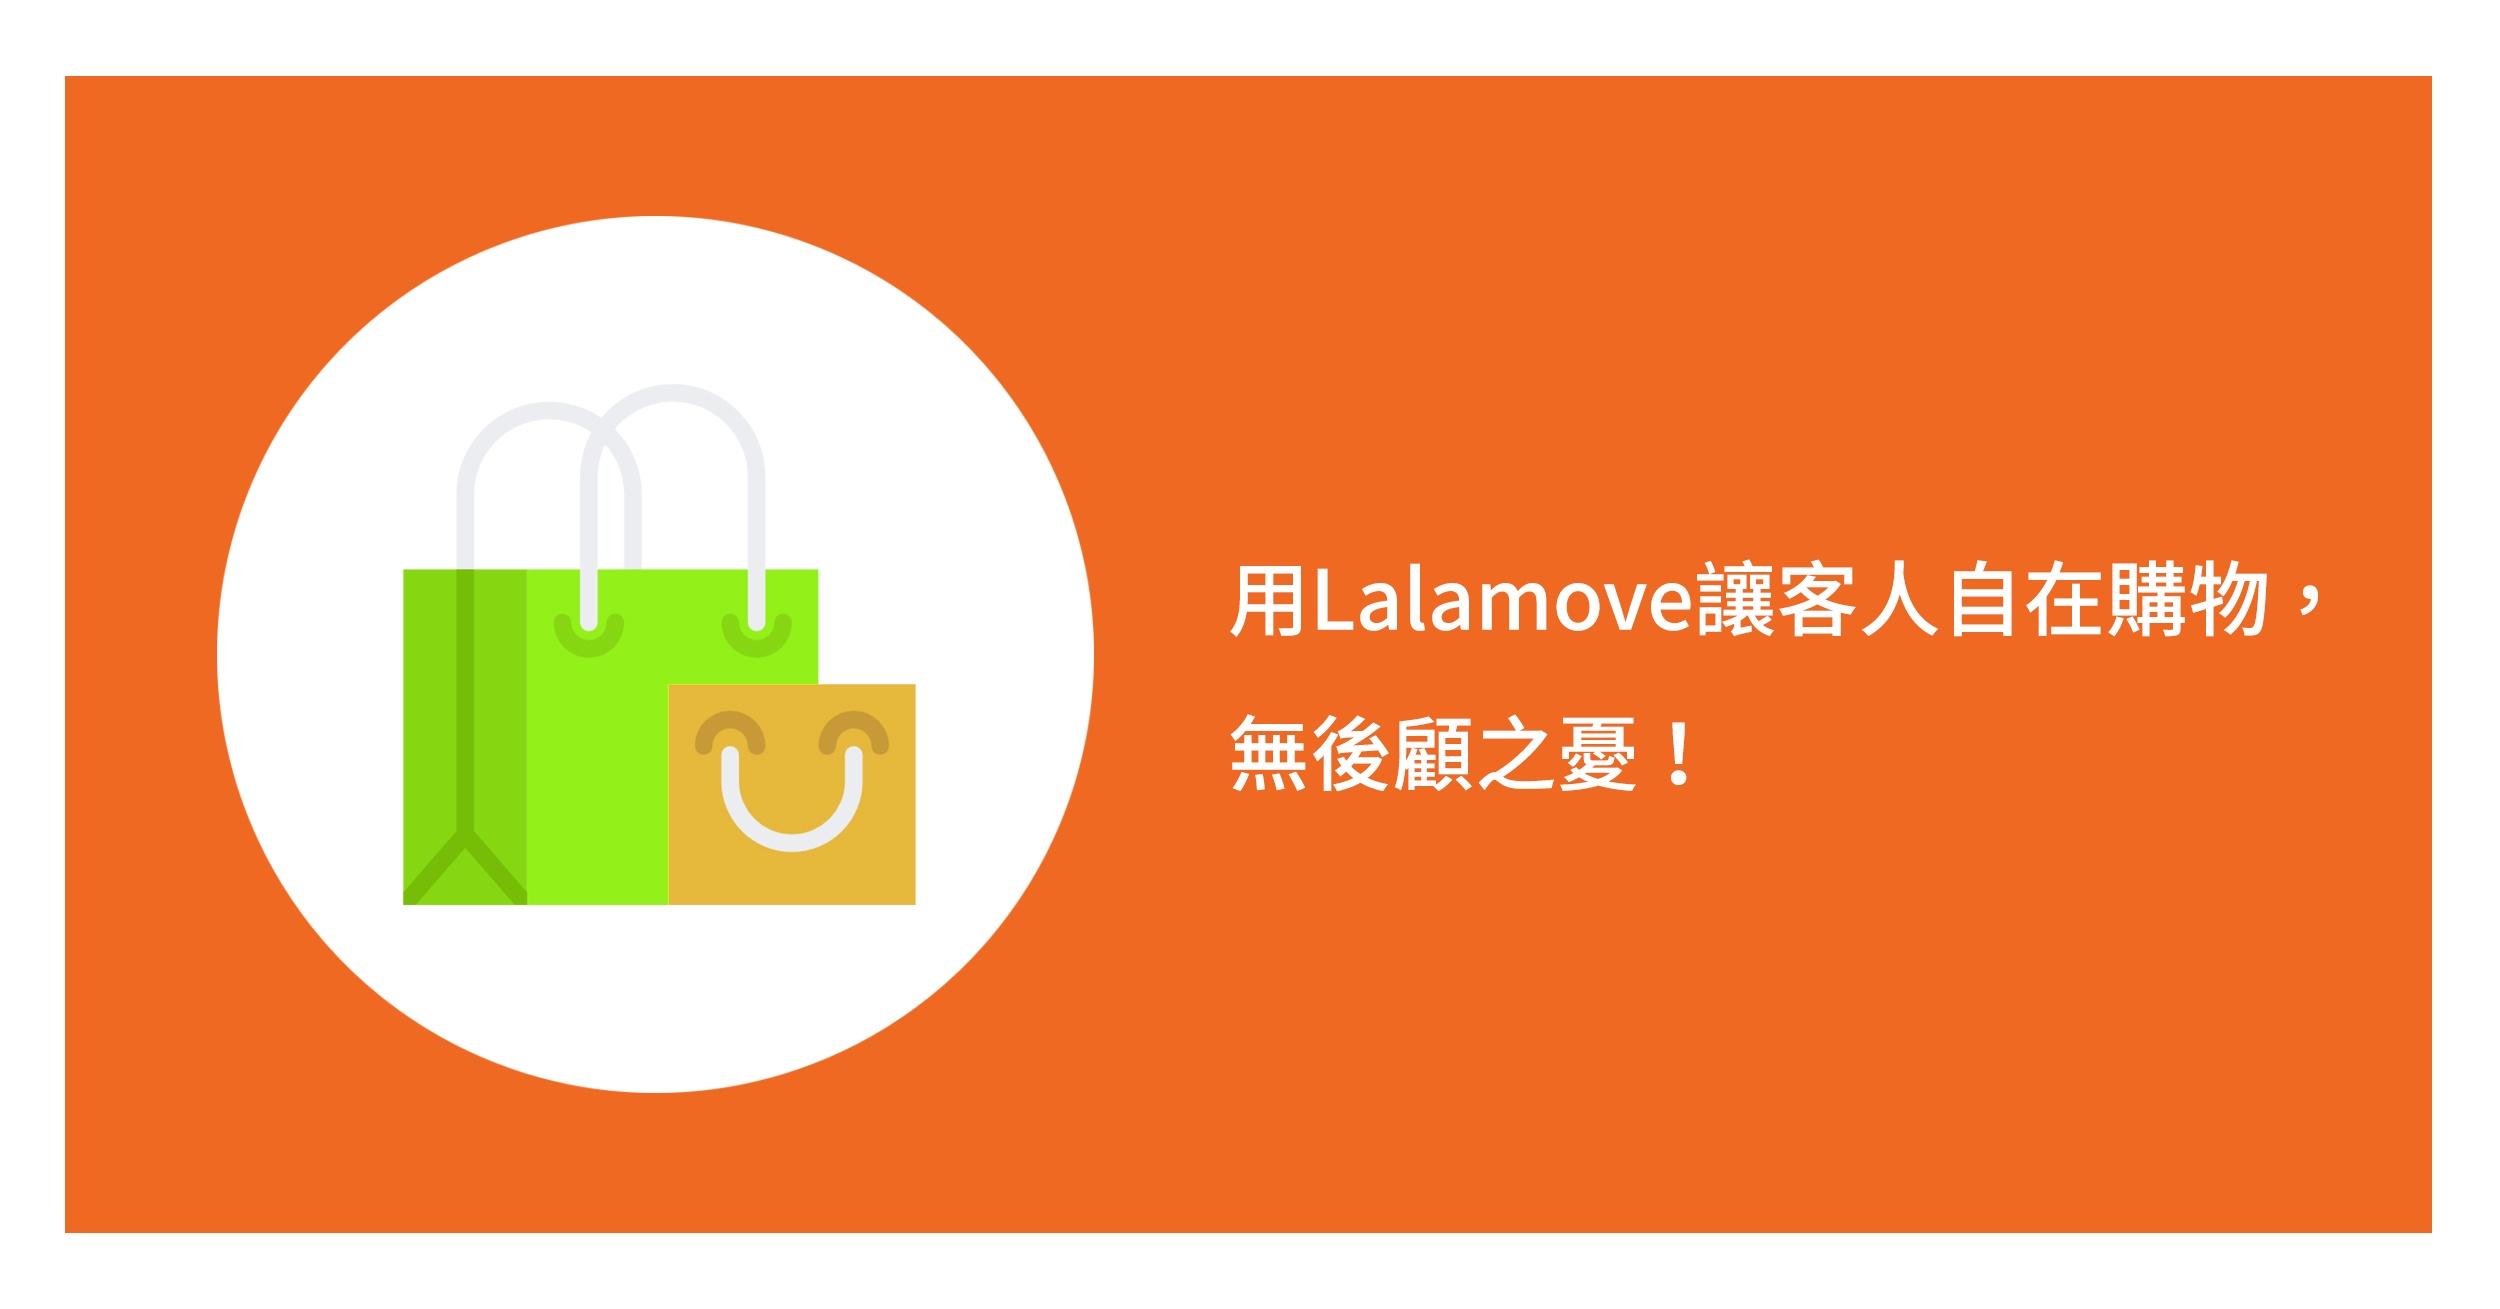 tw_20180112_blog_user_zh_market4.jpg